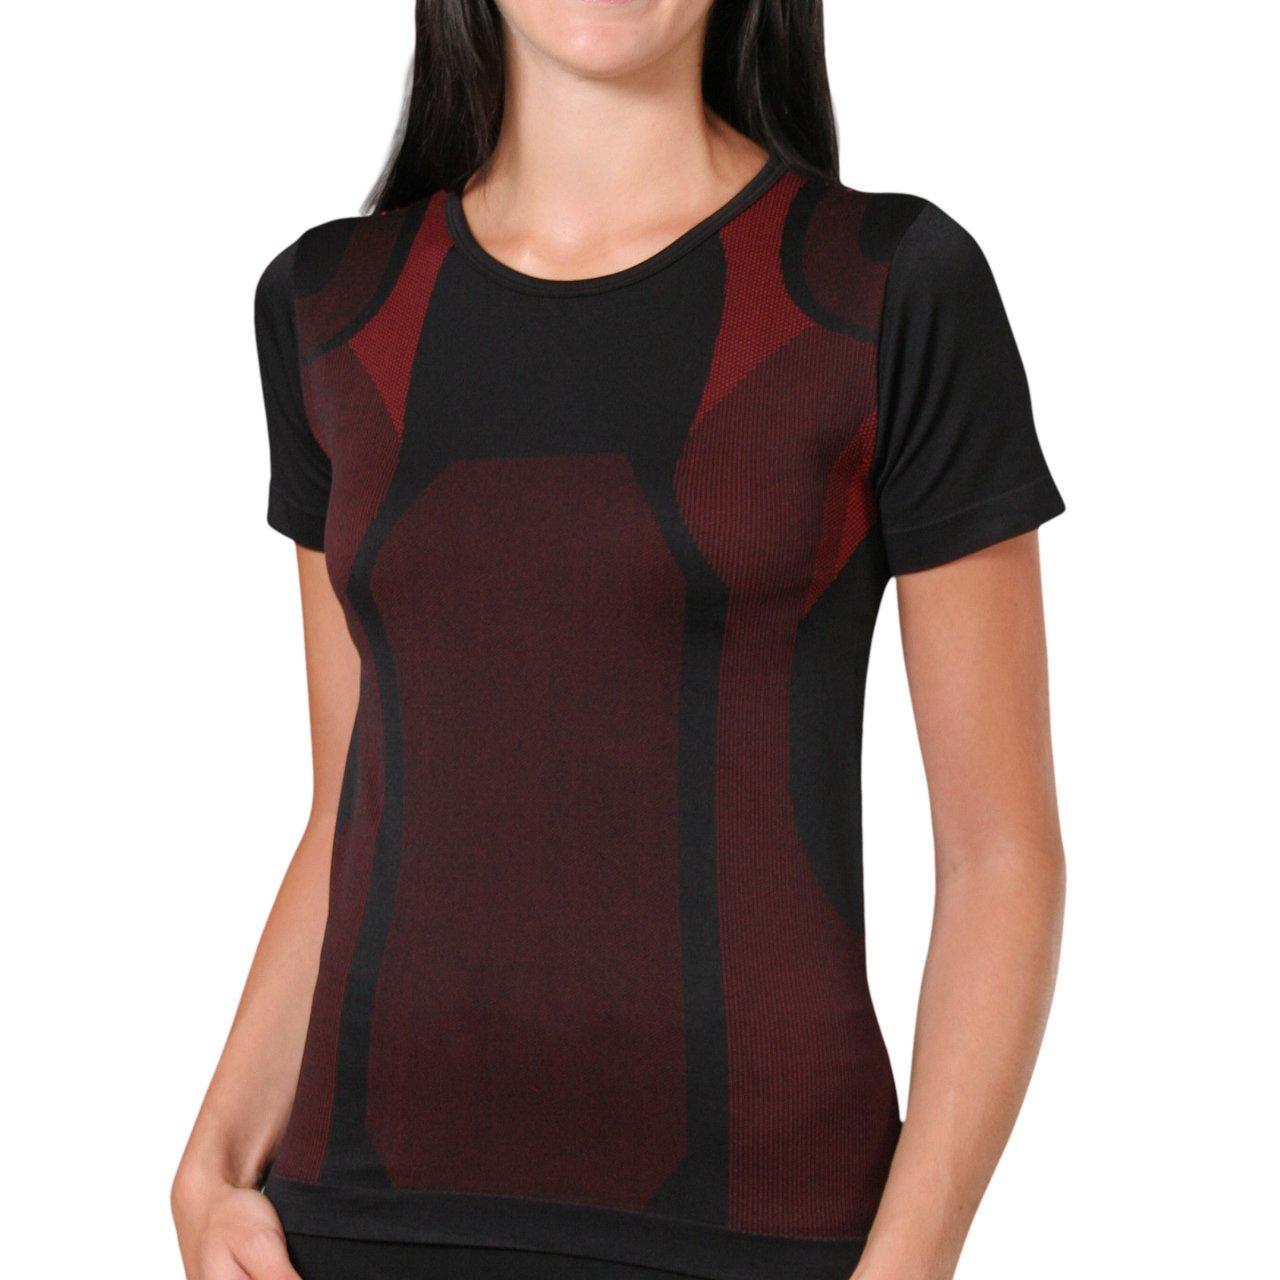 Sport Funktionswäsche Damen Kurzarm Hemd Seamless von celodoro - Ski-, Thermo- & Funktionsshirt ohne störende Nähte mit Elasthan in versch. Farben